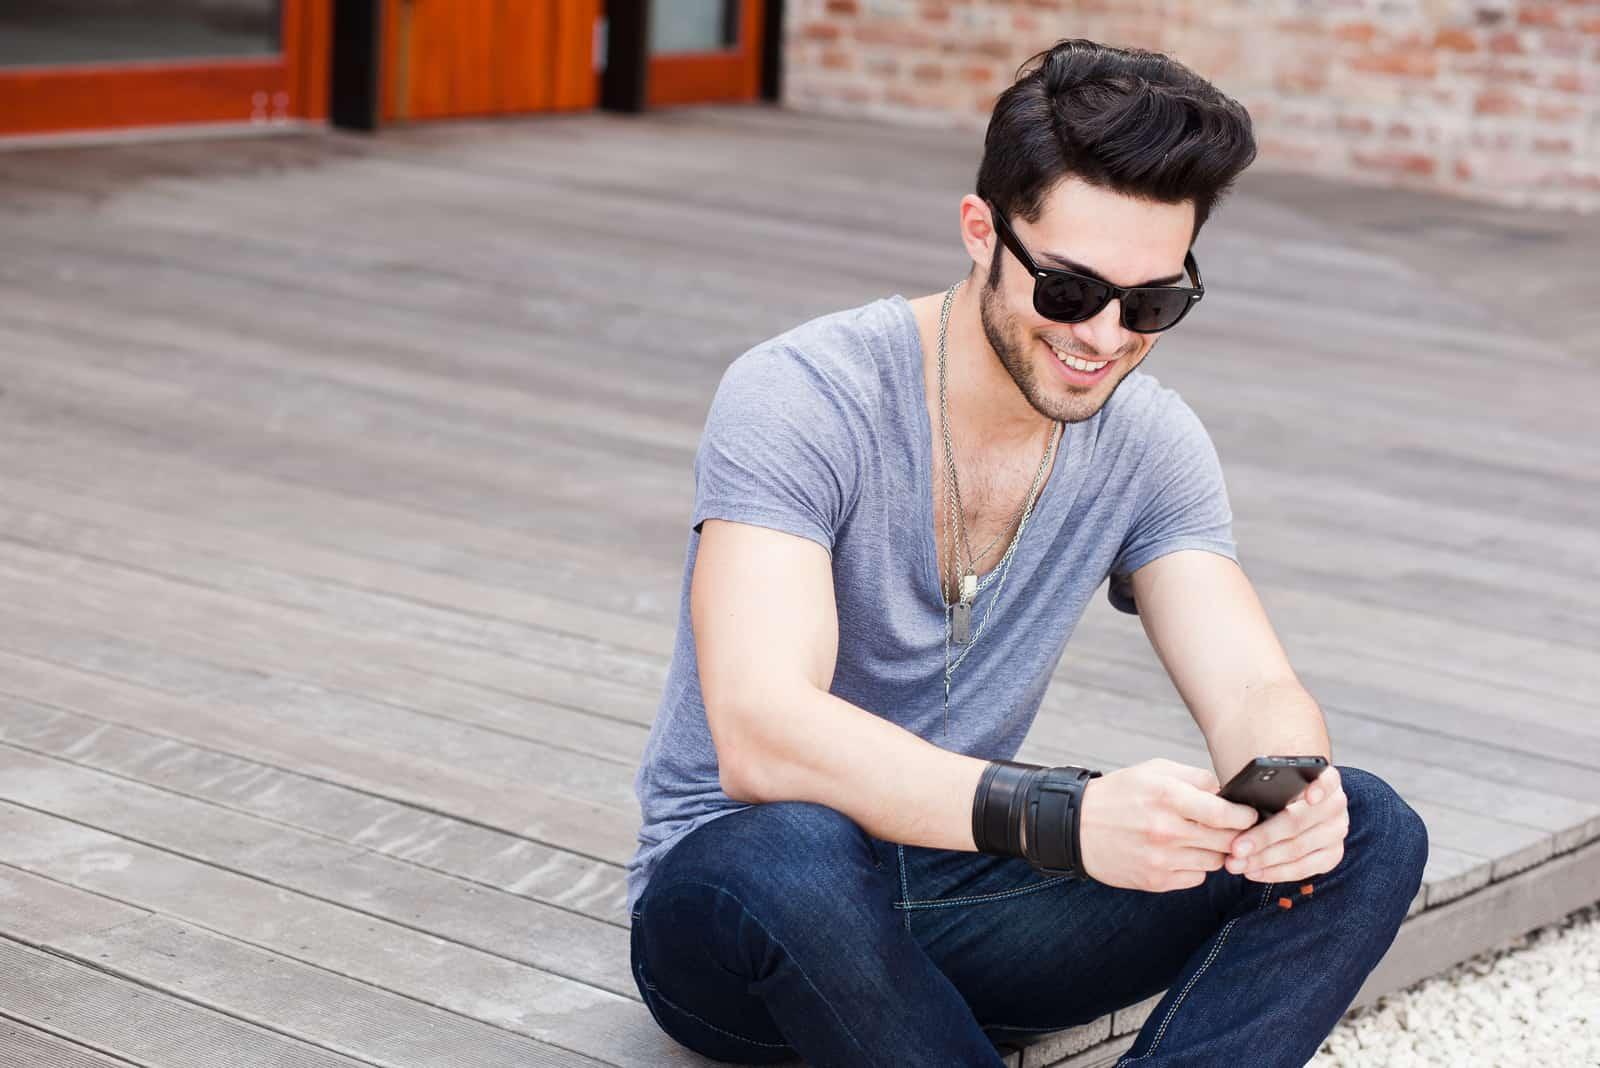 Homme heureux utilisant un smartphone tout en étant assis sur du béton